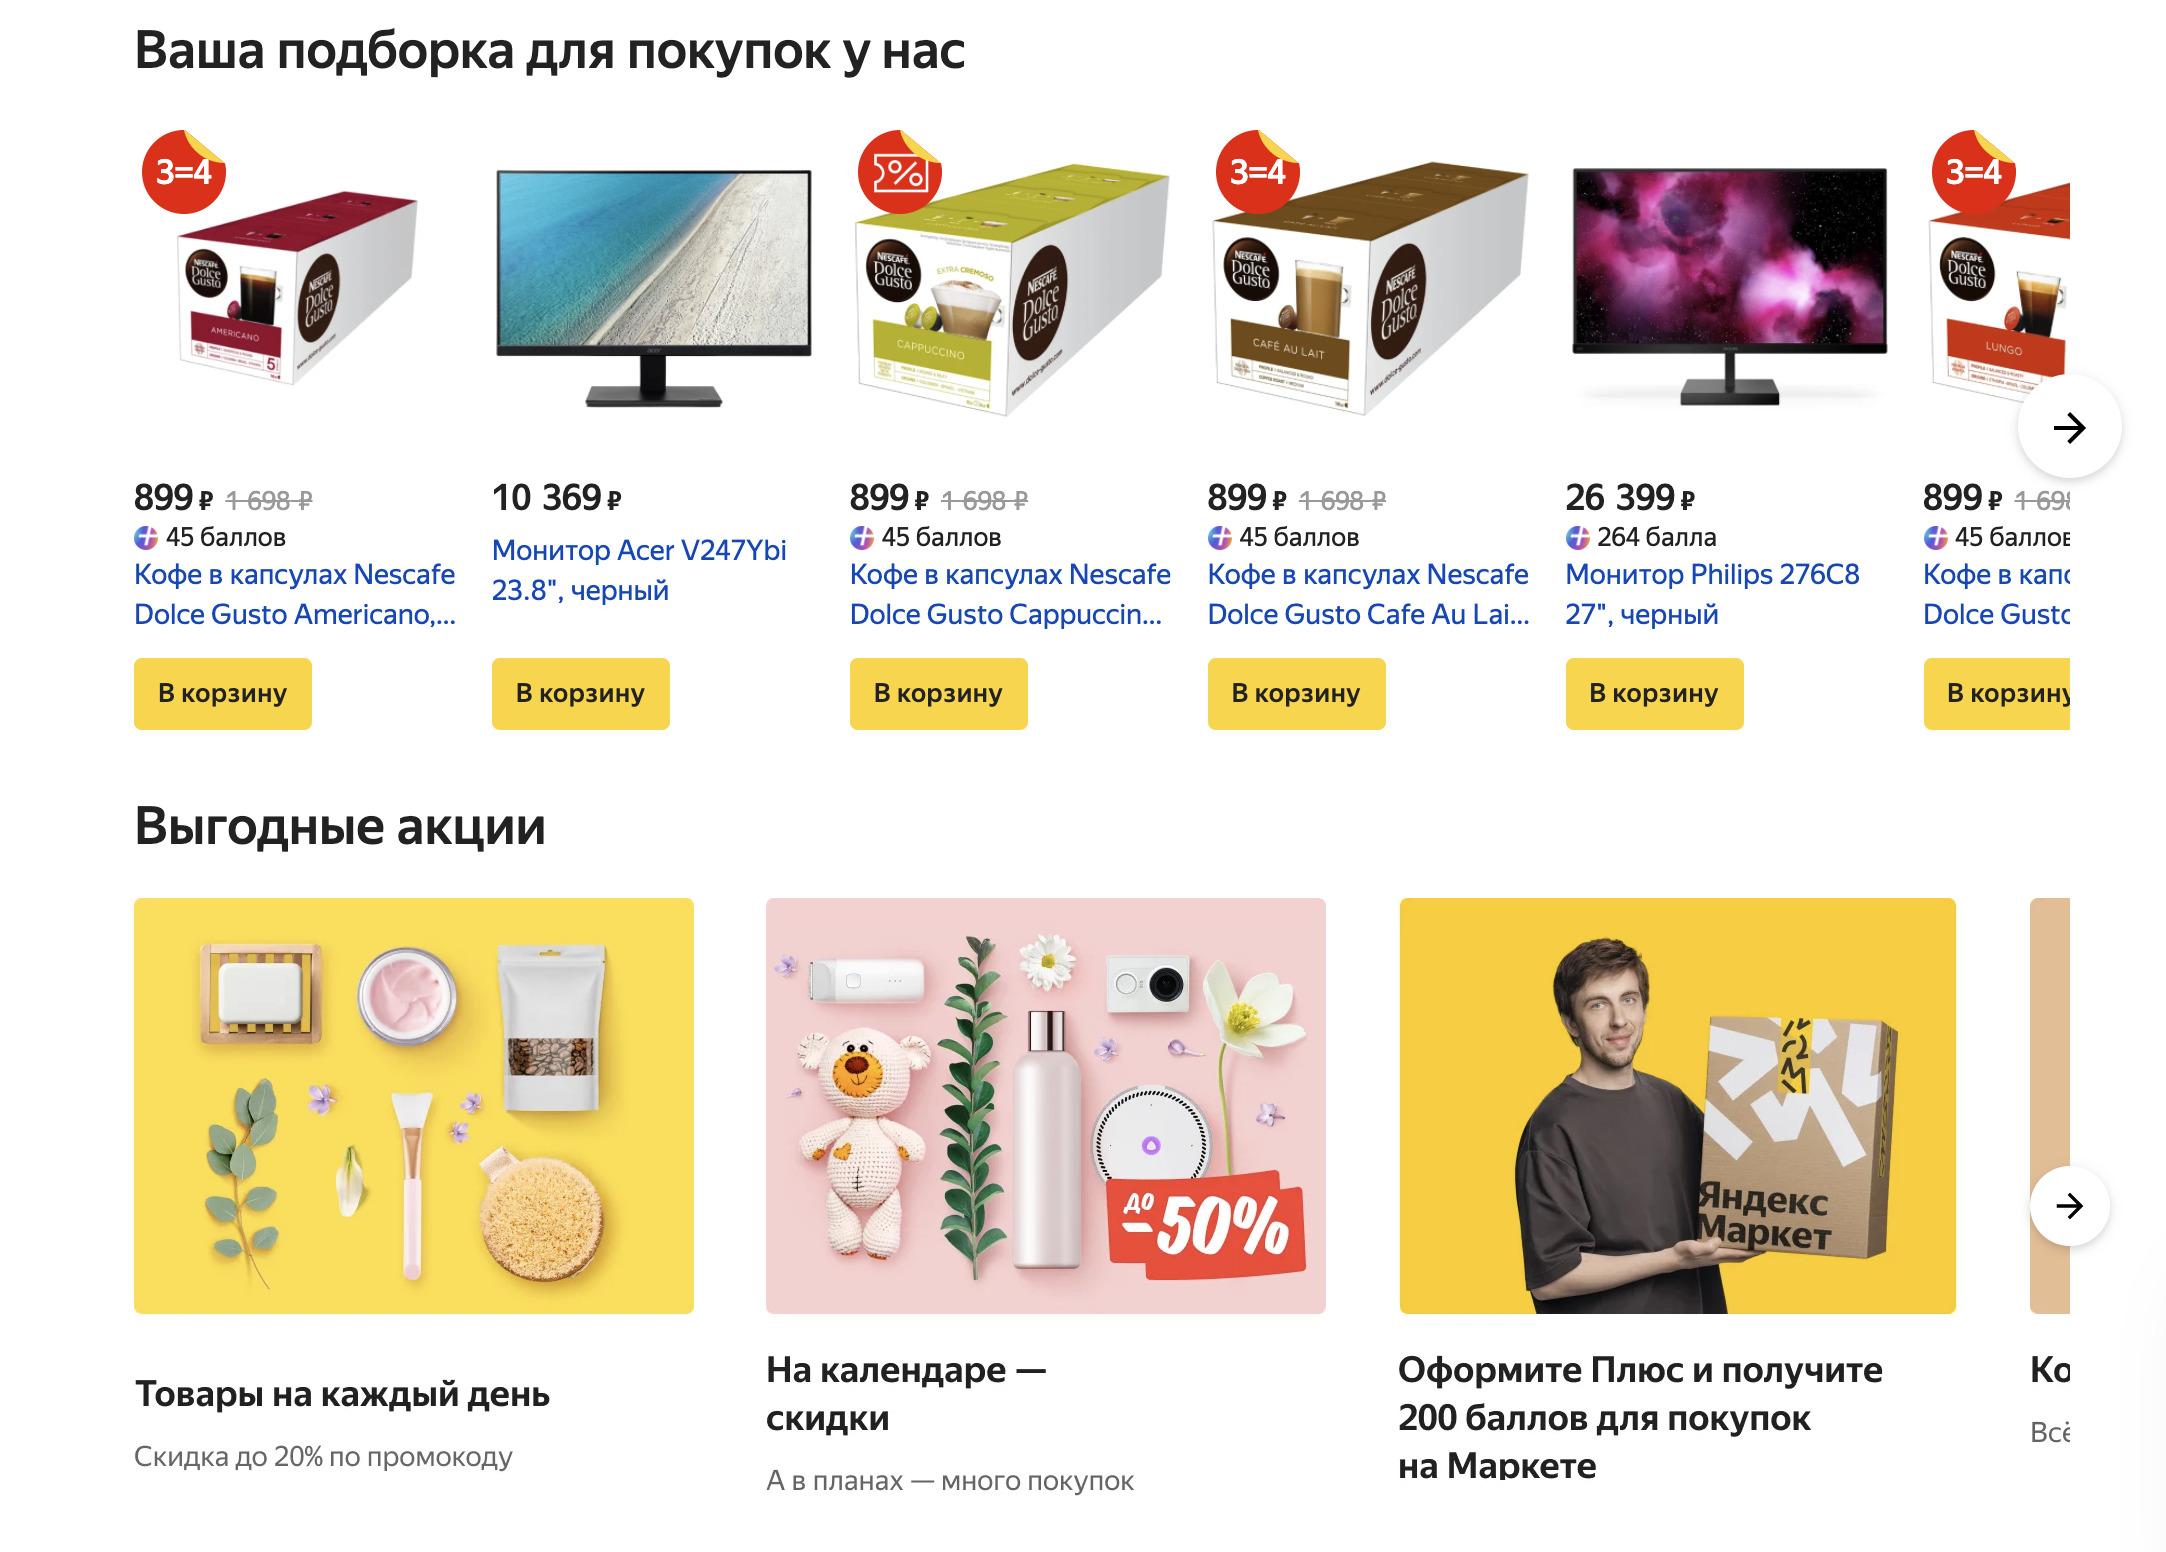 Доставка из Яндекс.Маркет в Ухта, сроки, пункты выдачи, каталог